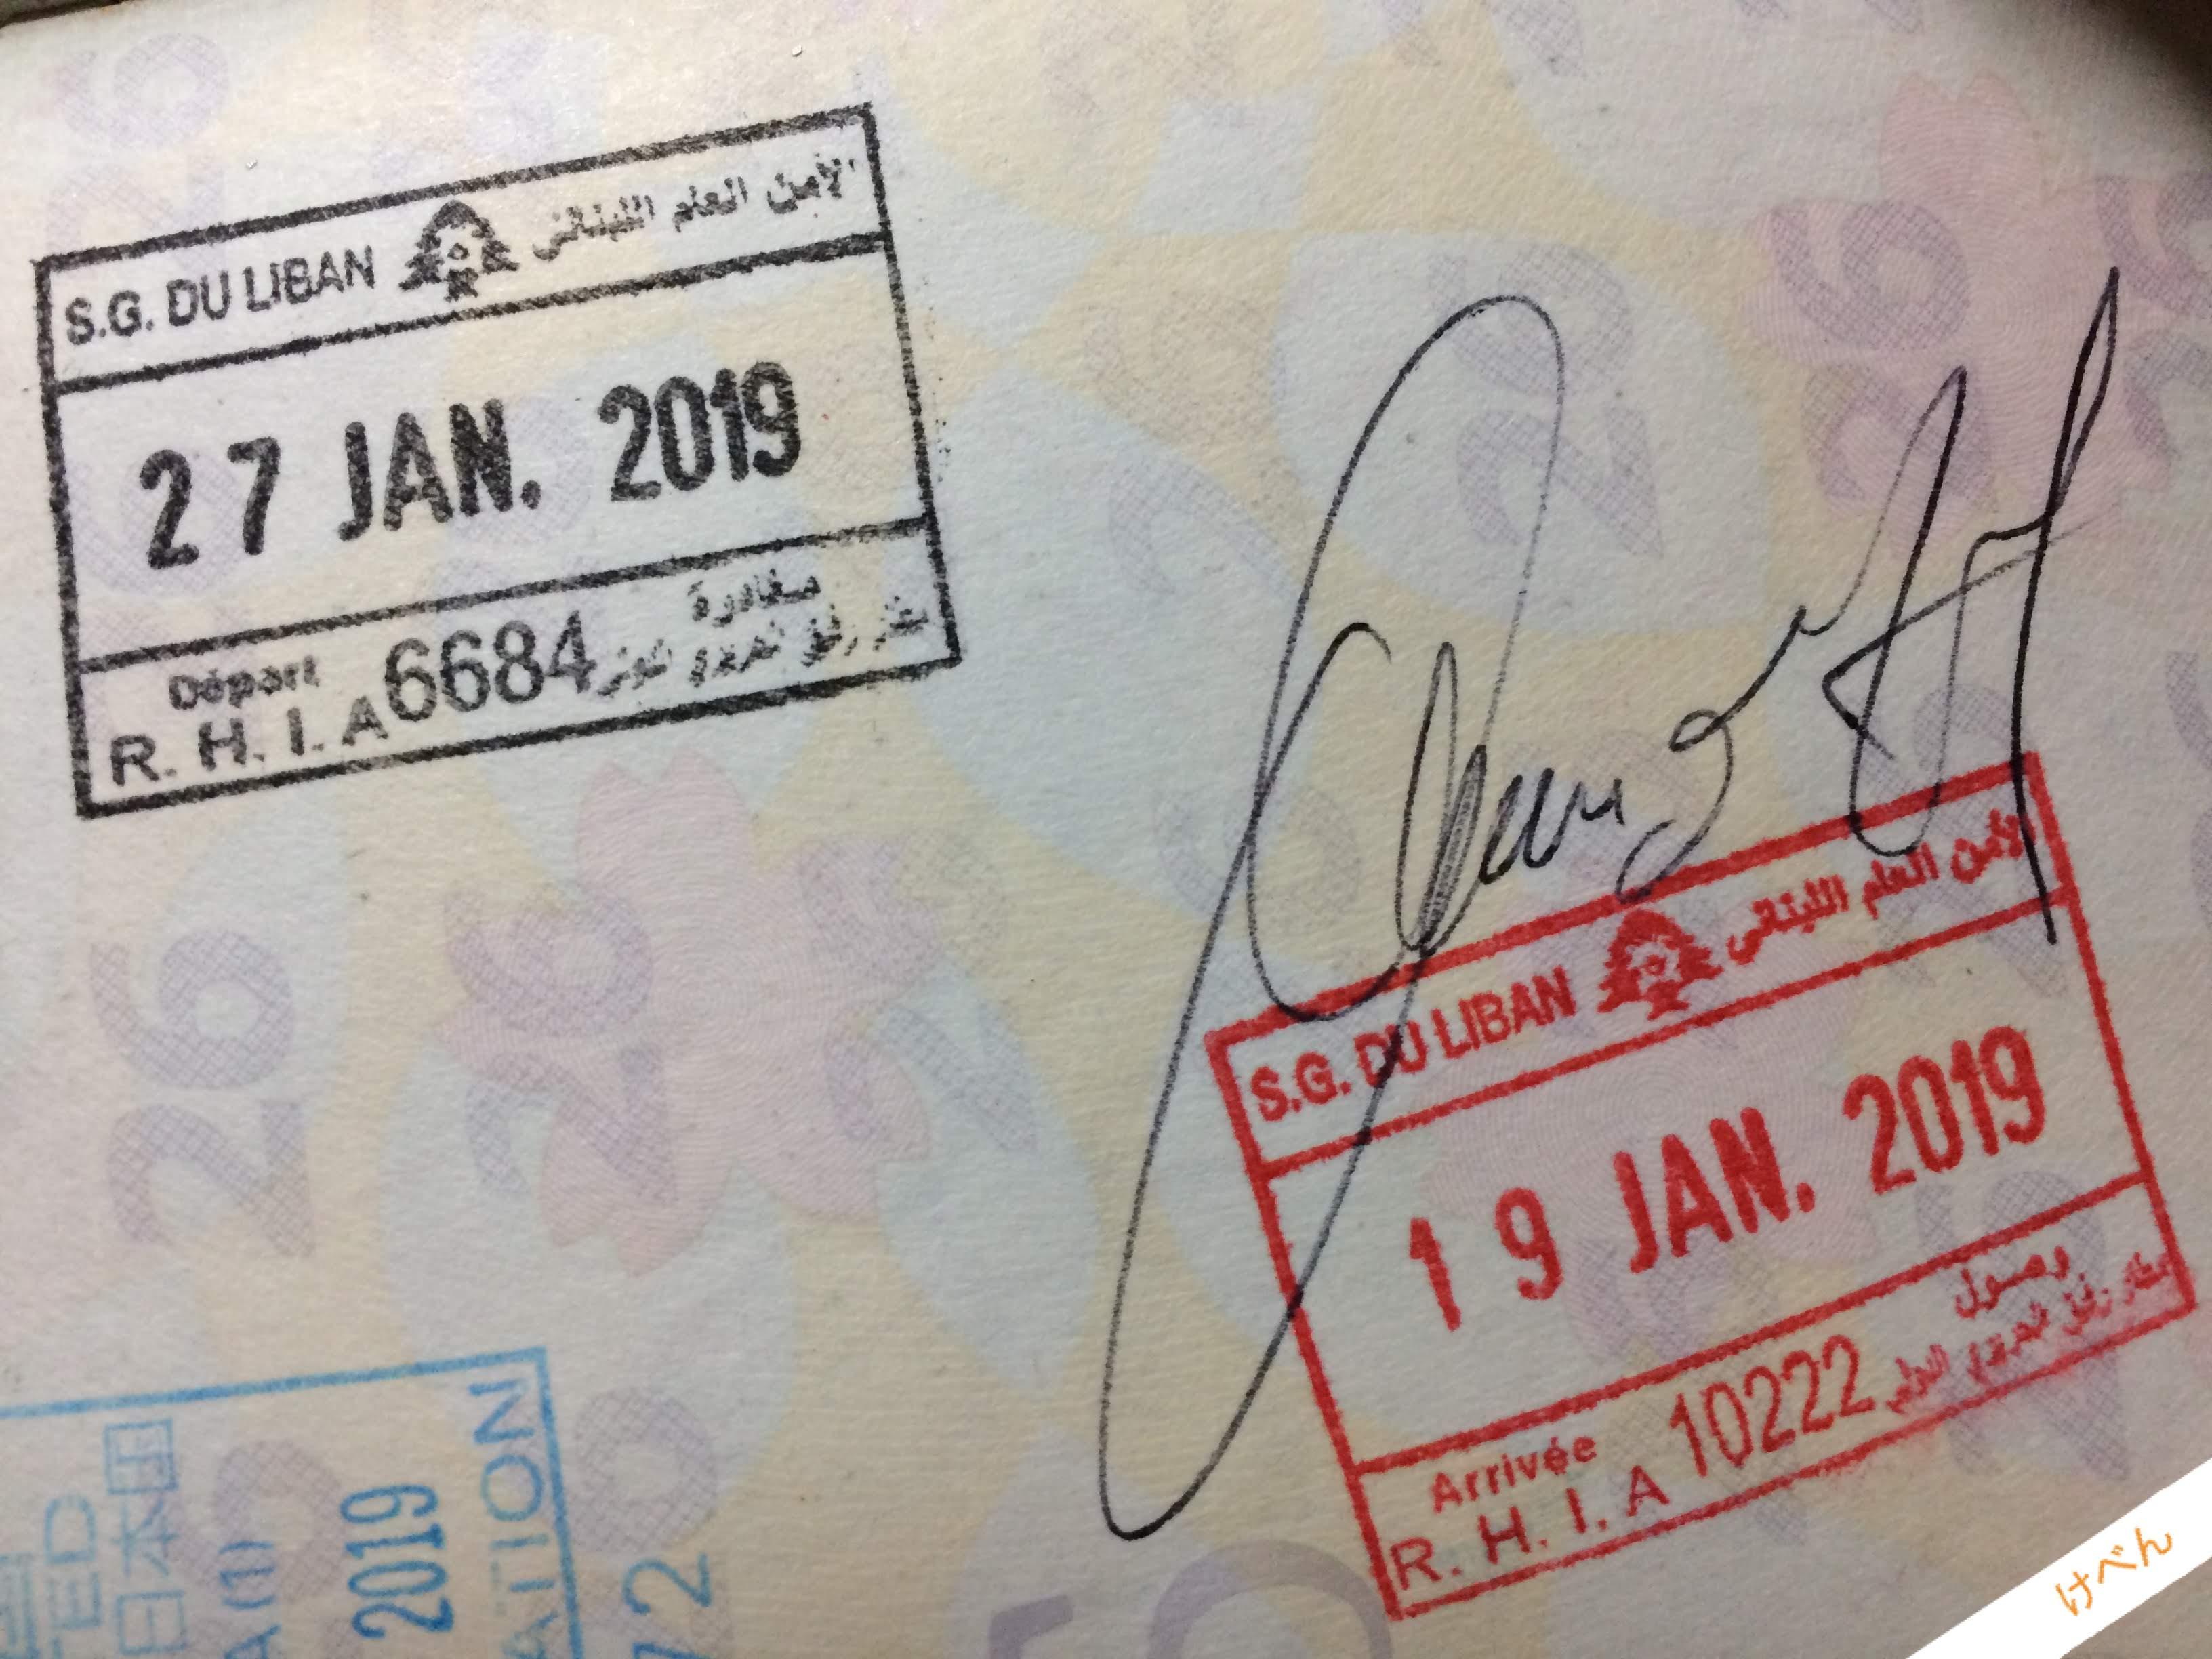 レバノン] 中東のスイスに行こう!\u201d観光ビザ\u201d をゲットするには